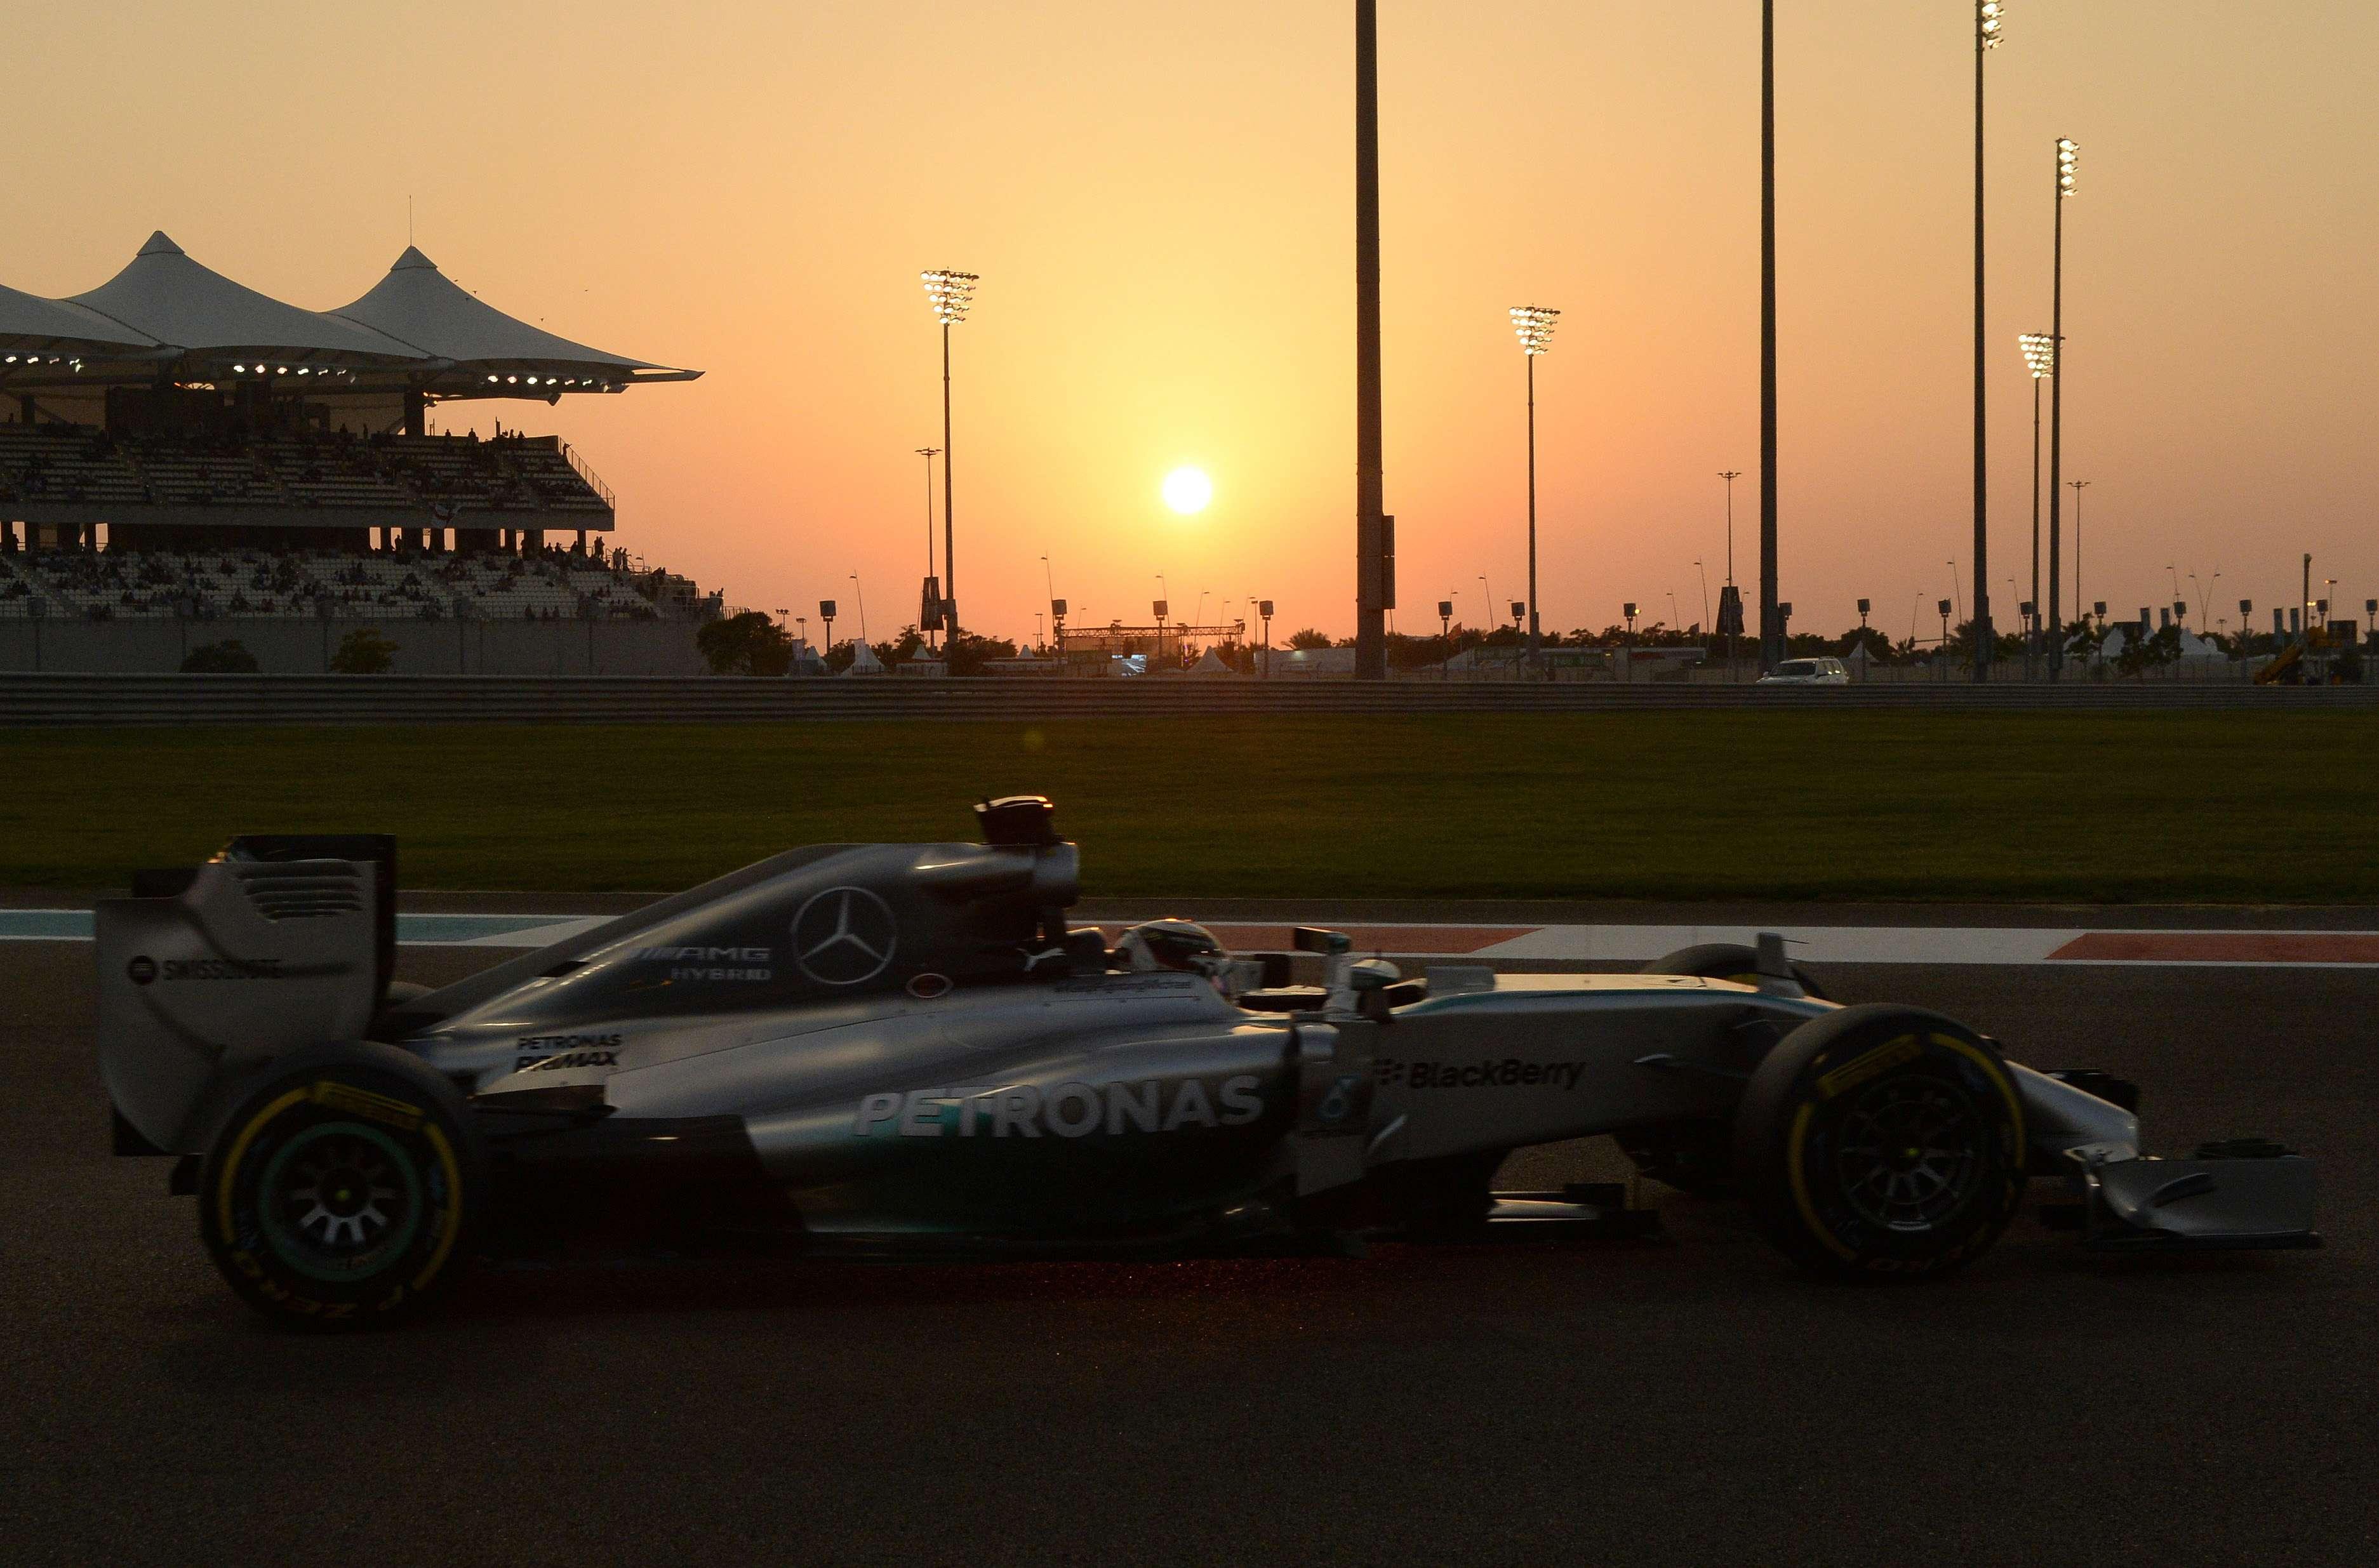 Hamilton tem provado que não está sentindo a pressão de ser favorito Foto: Tom Gandolfini/AFP